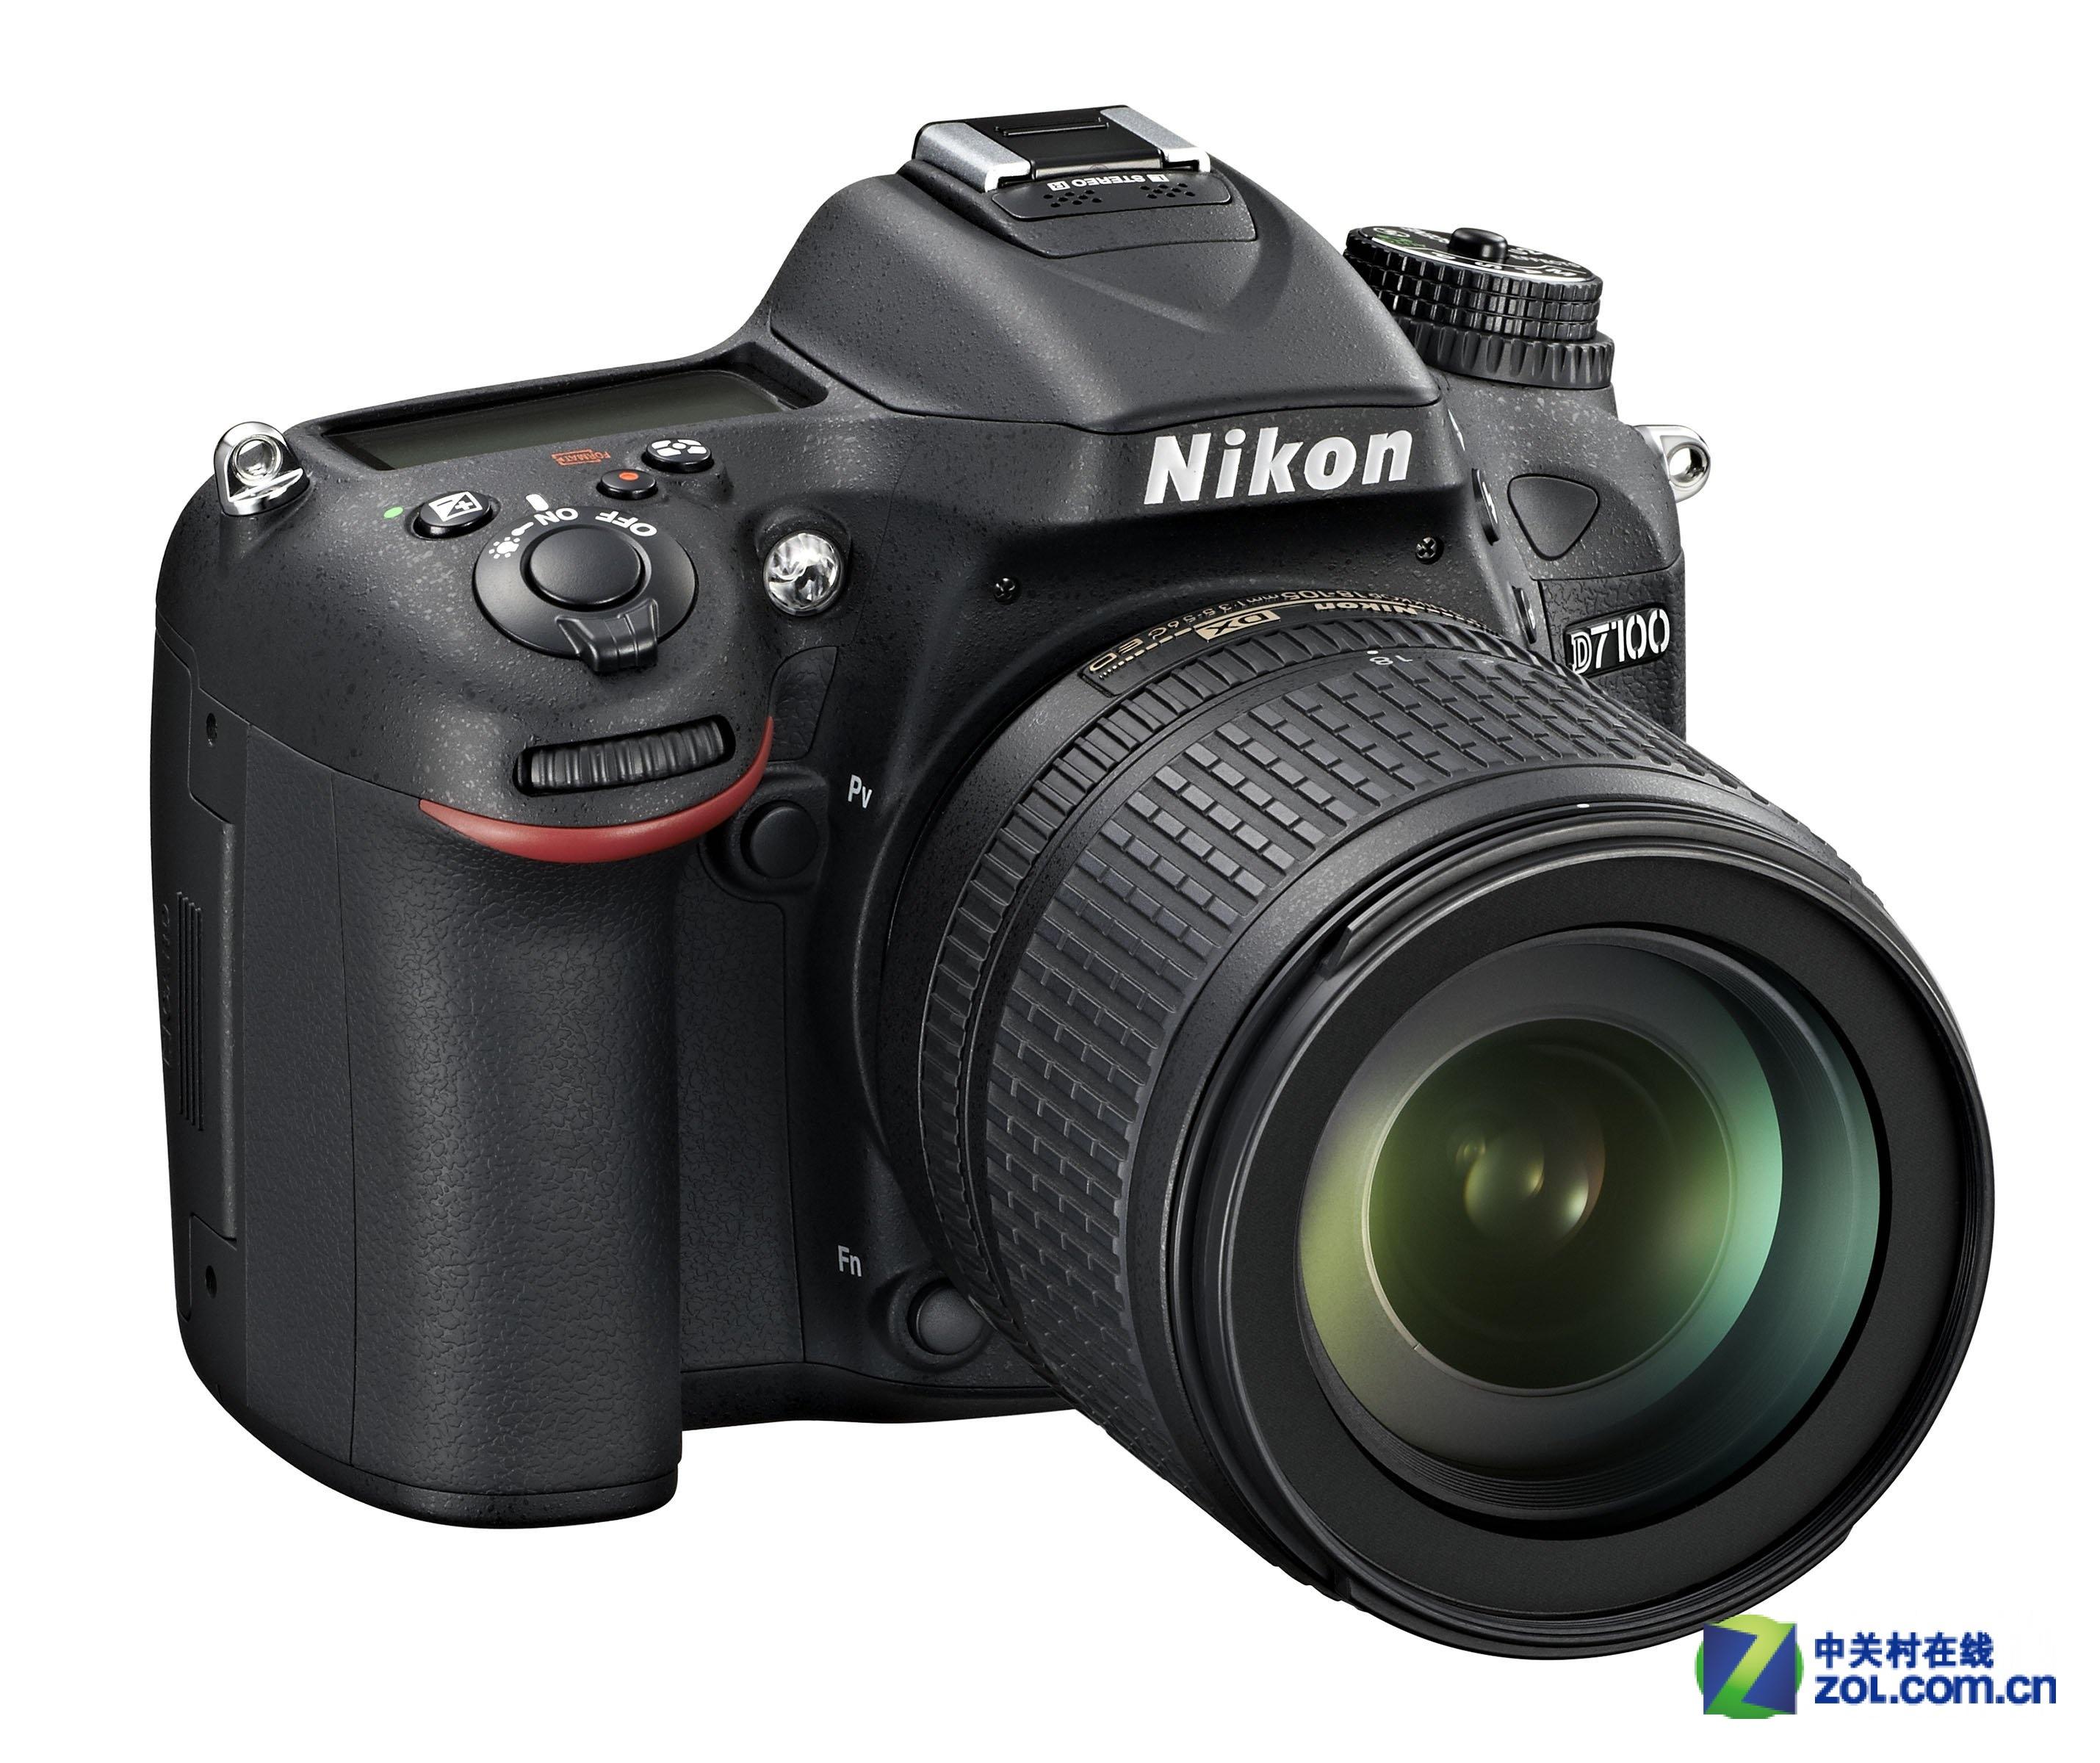 尼康d7100 尼康d7100摄影技巧 尼康专卖店图片